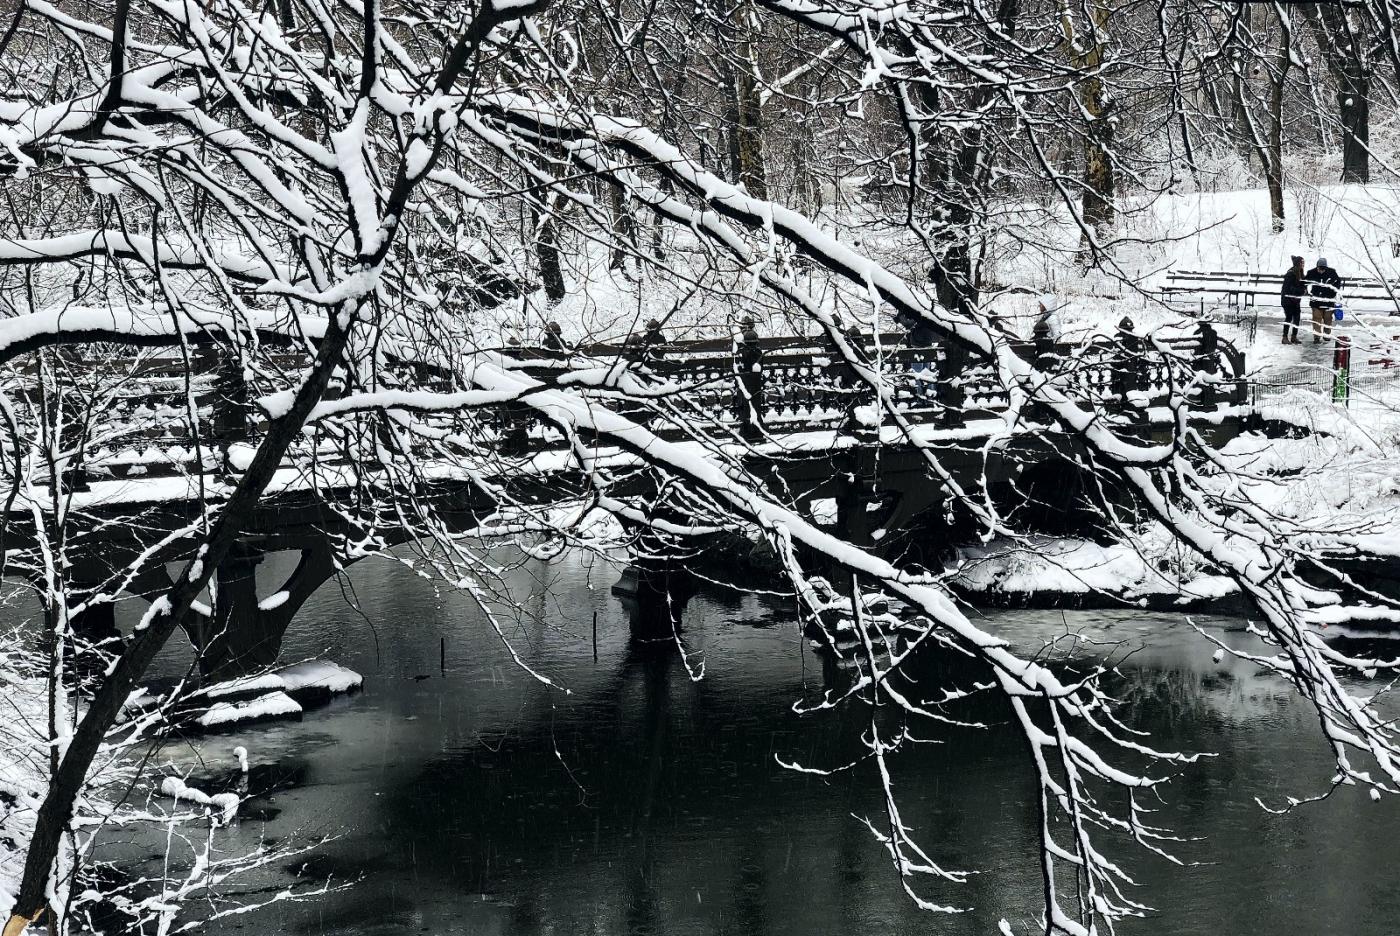 【田螺手机摄影】纽约雪景、还是中央公园最漂亮[二]_图1-12